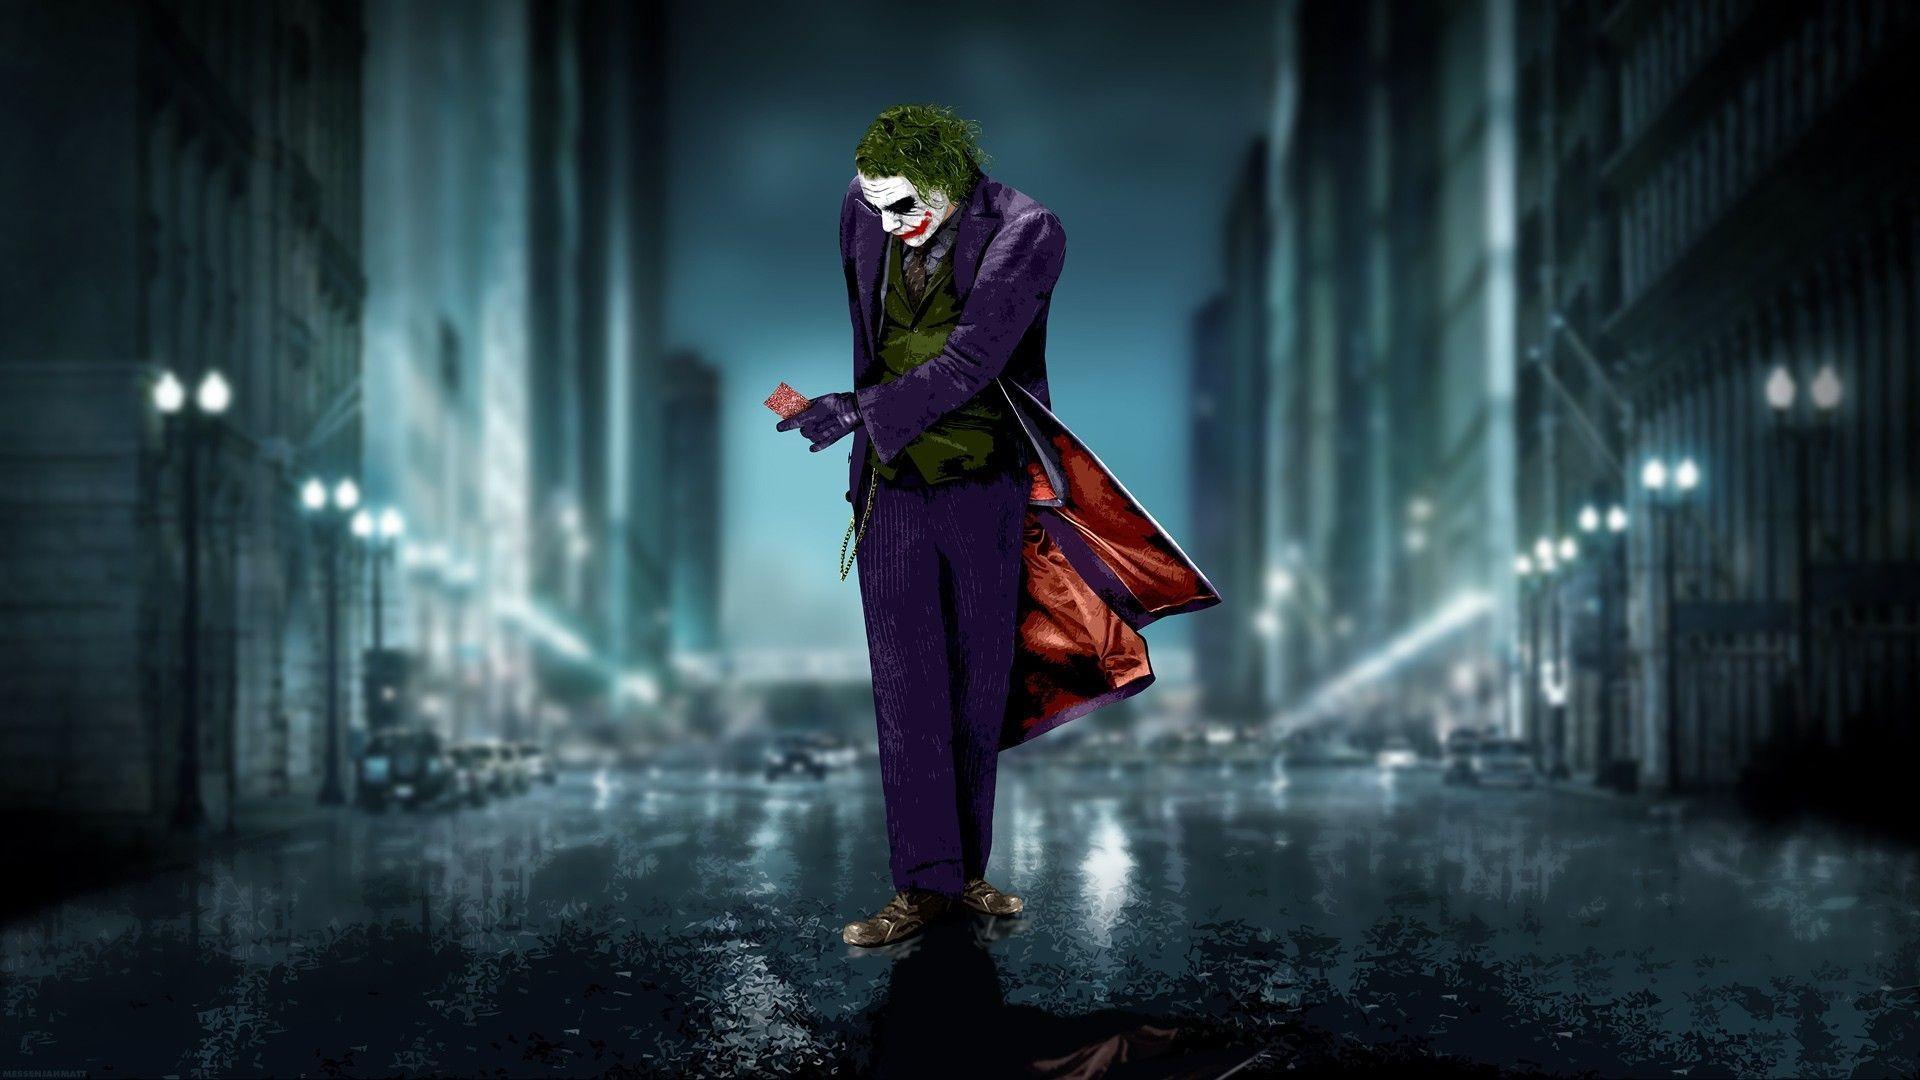 Photo Collection Joker Wallpaper Hd